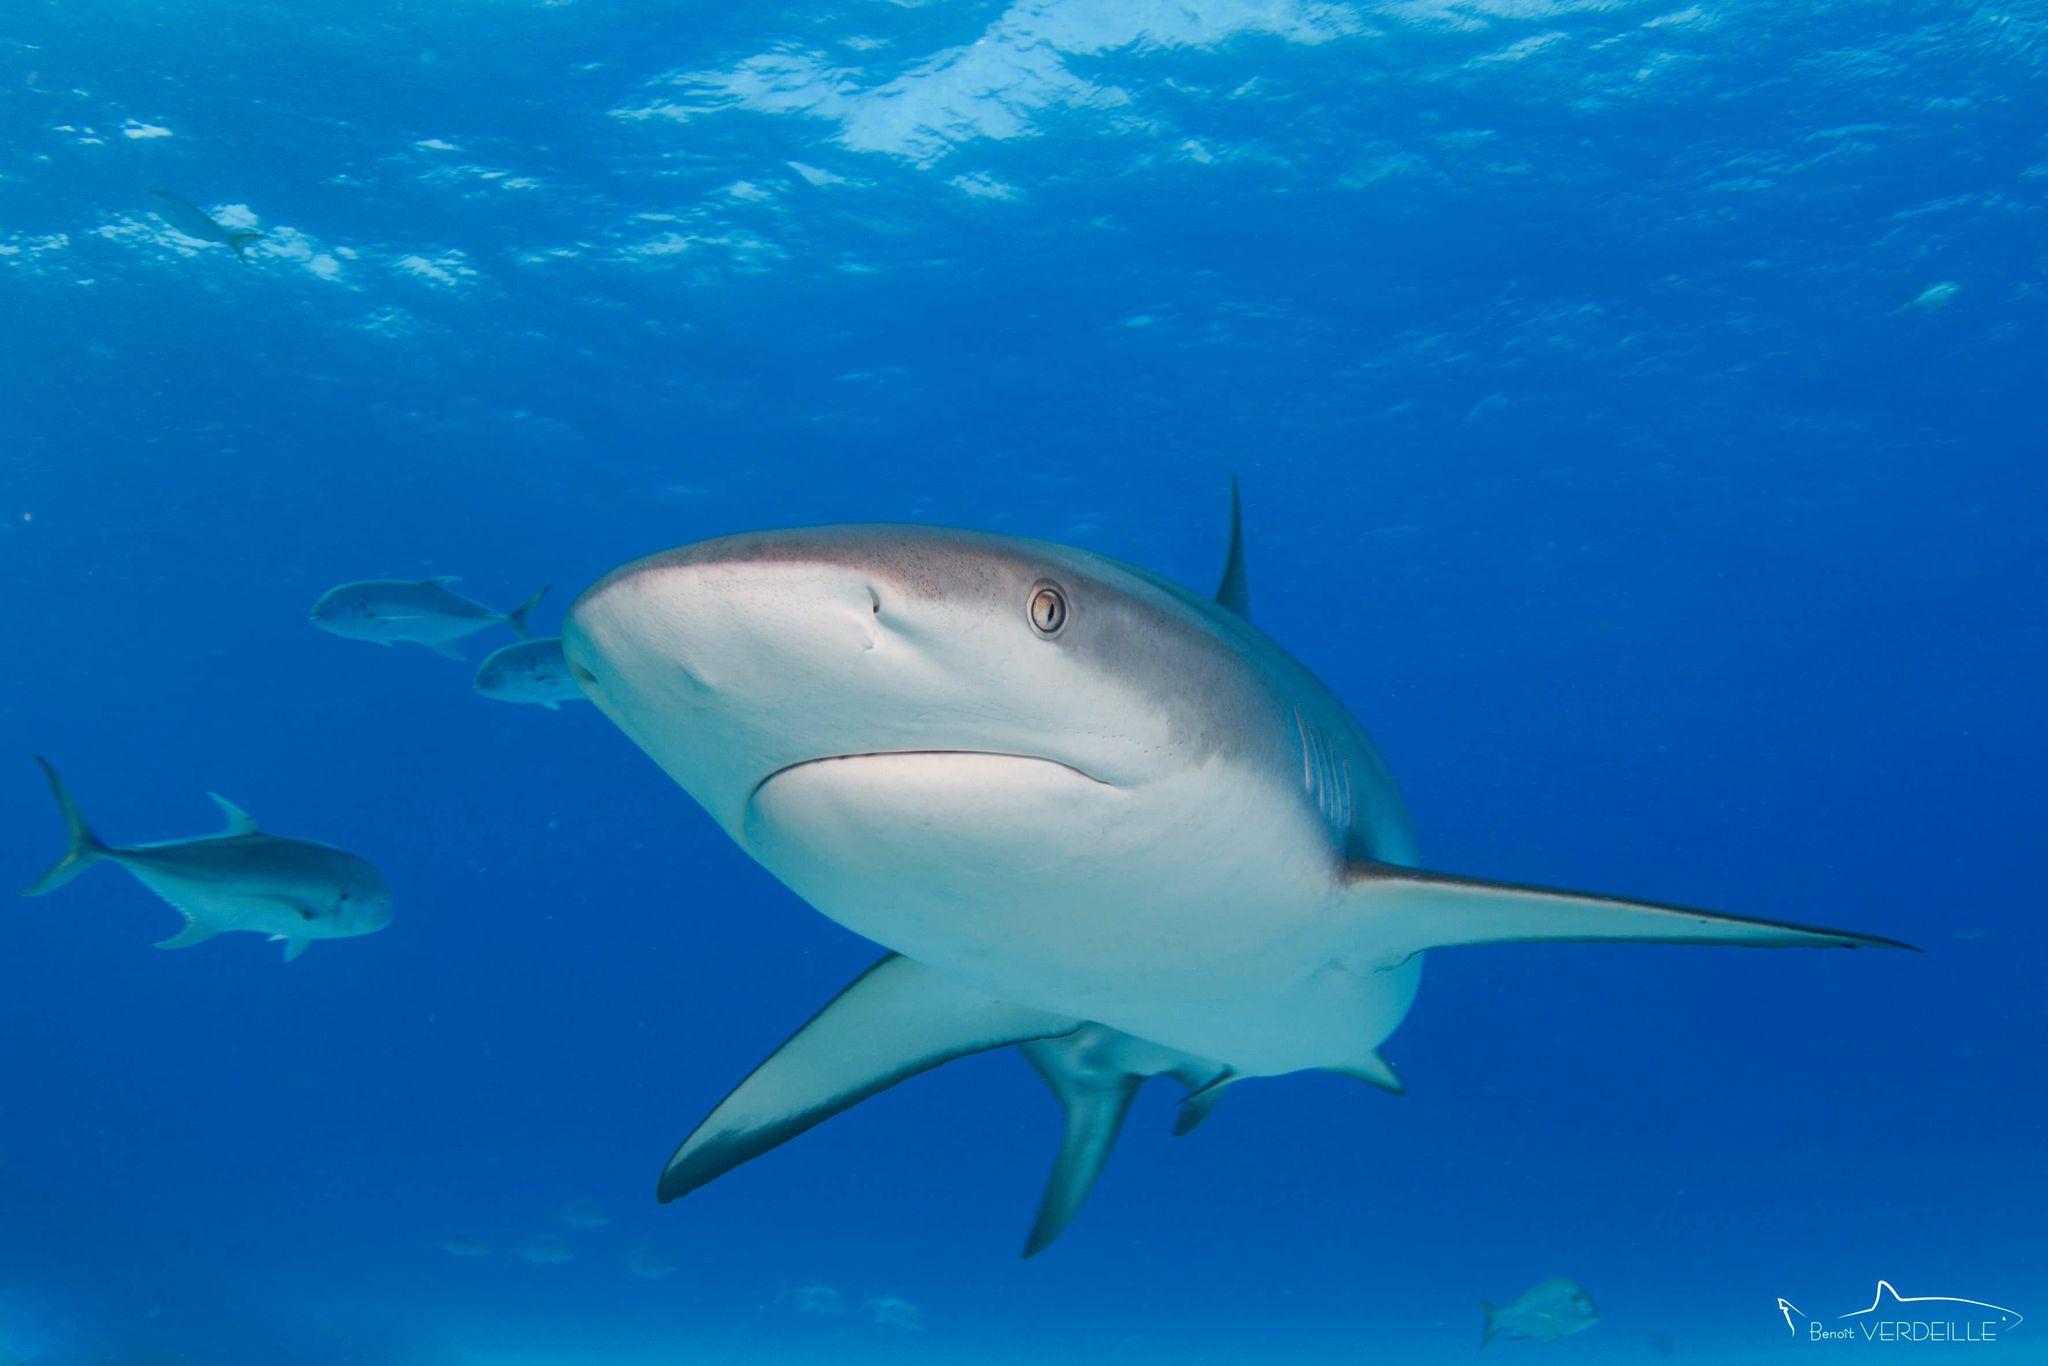 Requin gris des caraïbes (Carcharhinus perezii)